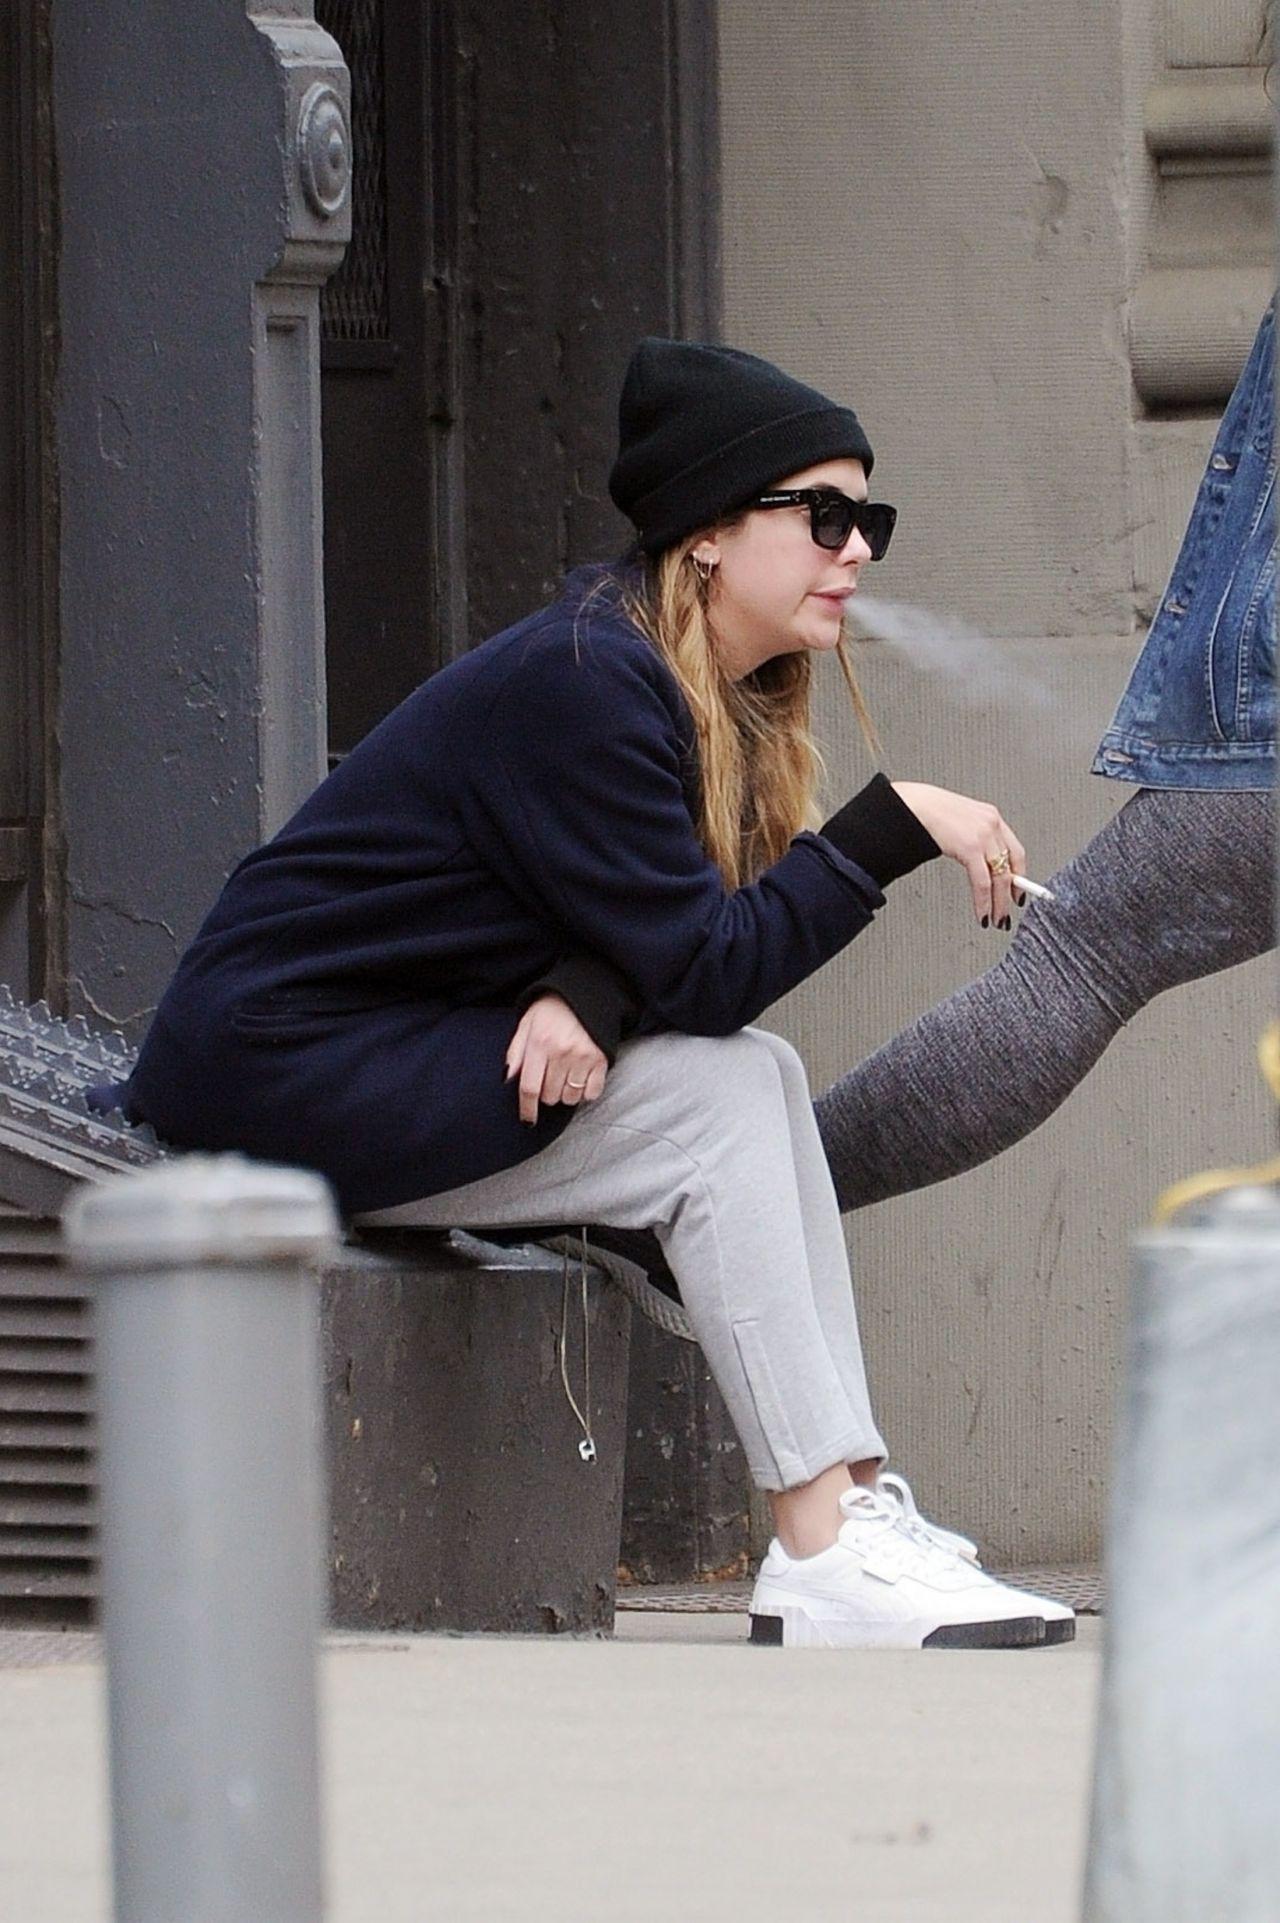 70 Best Olsens' fashion images | Mary kate ashley, Olsen ...